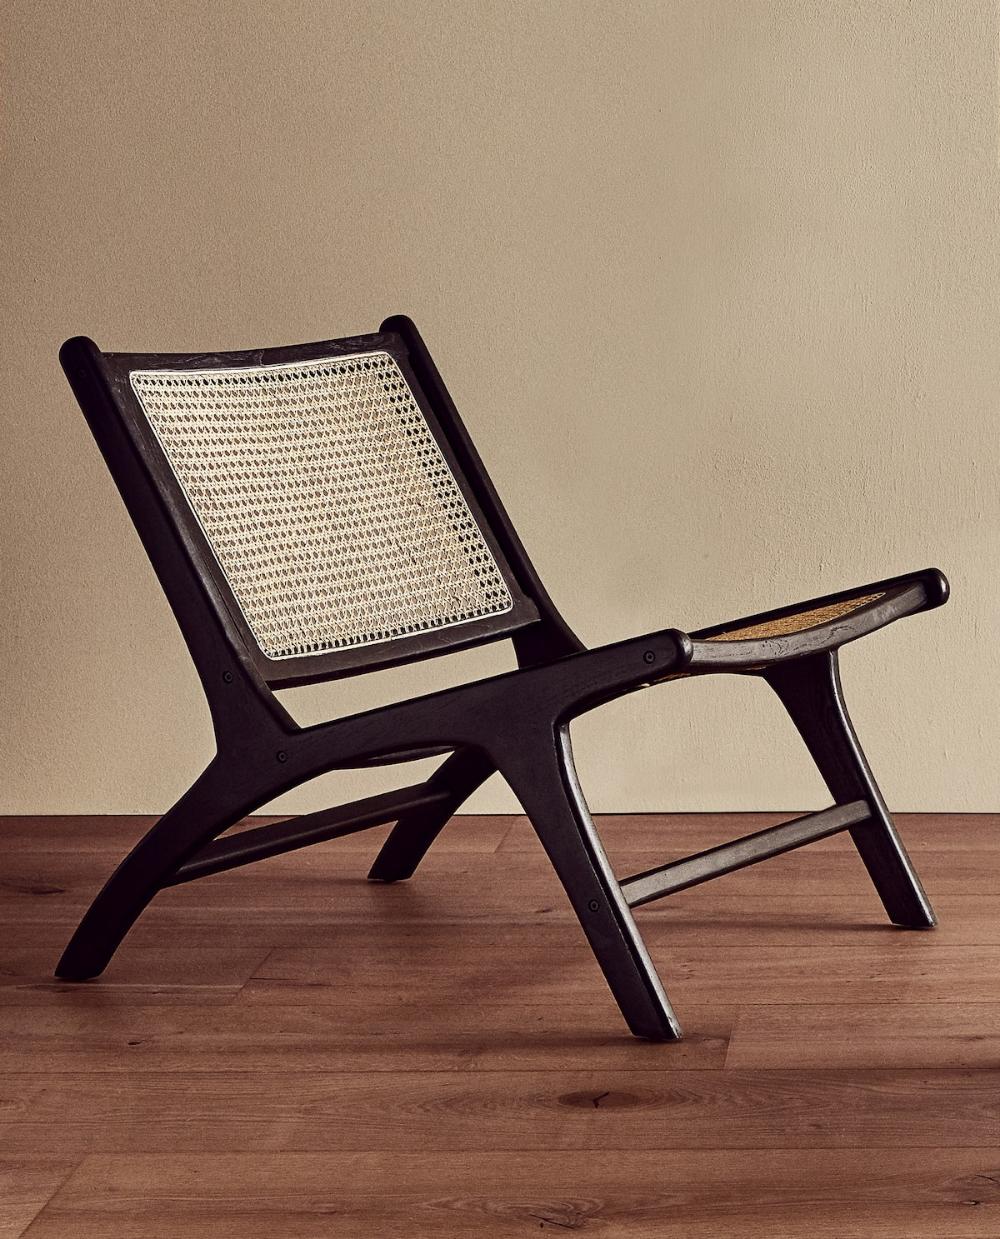 Afbeelding 1 Van Het Product Stoel Van Teakhout En Rotan Rattan Chair Furniture Chair Chair